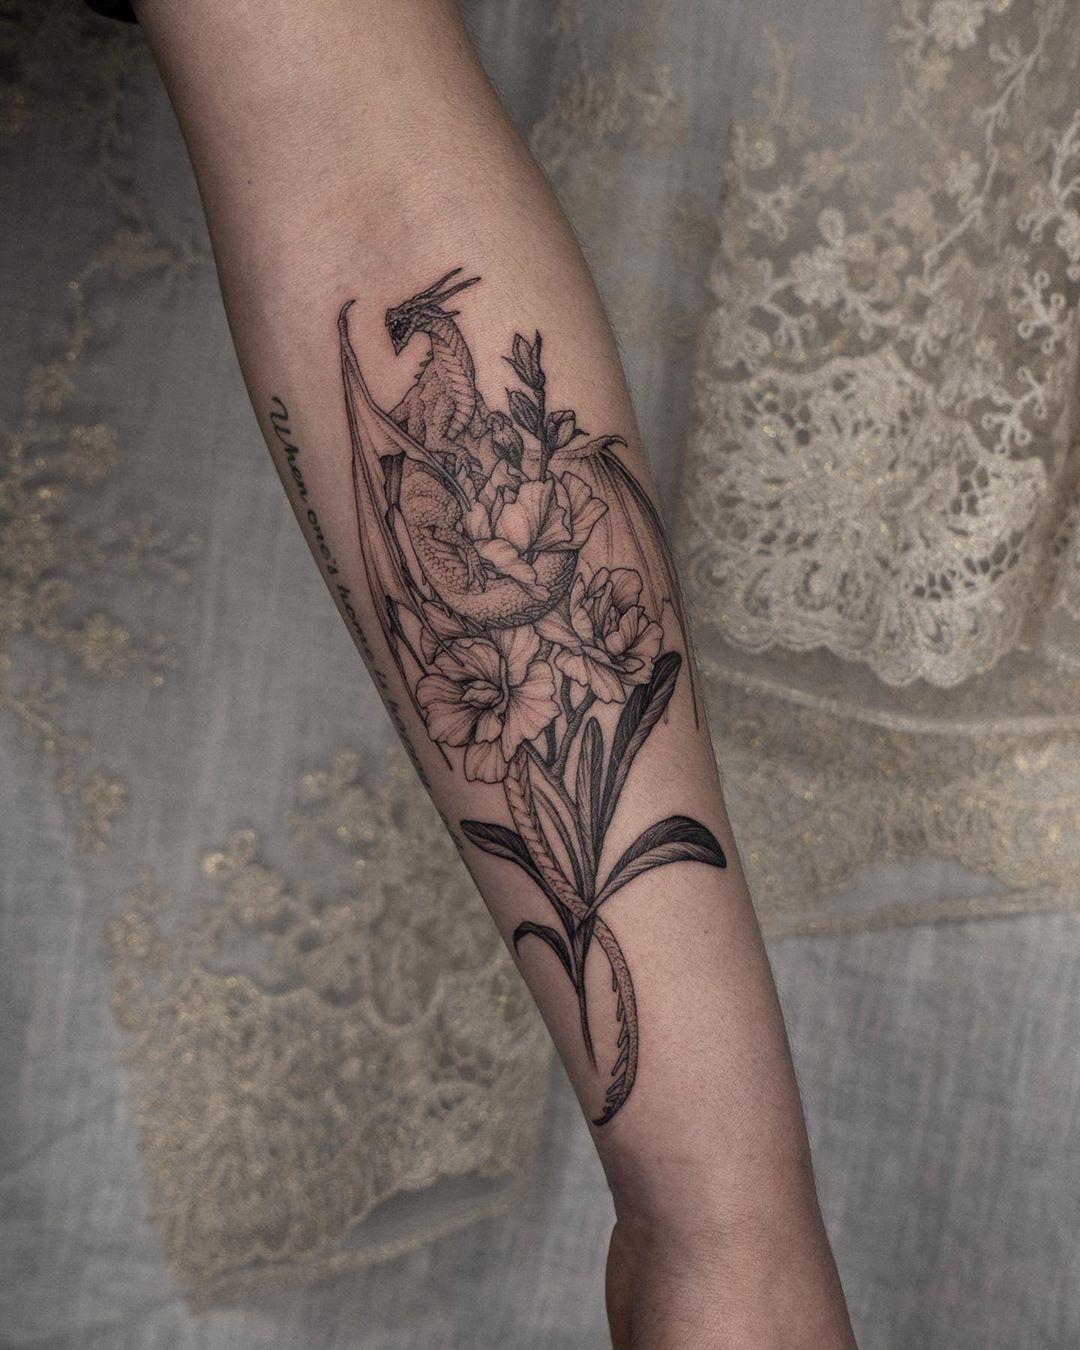 татуировка цветов и дракона на руке